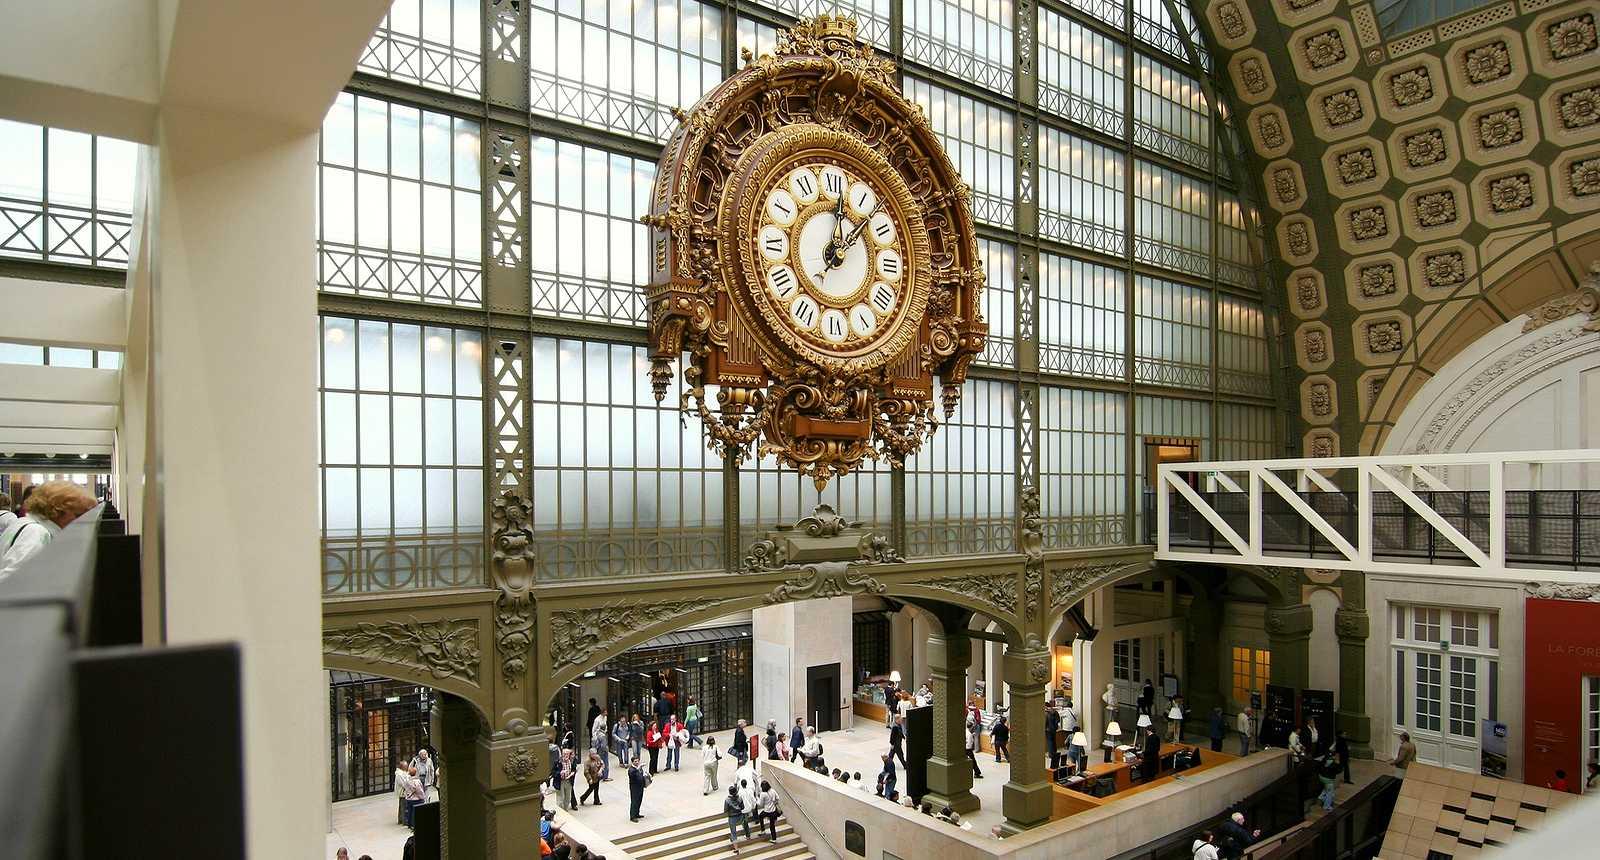 L'ancienne gare d'Orsay, devenue Musée d'Orsay